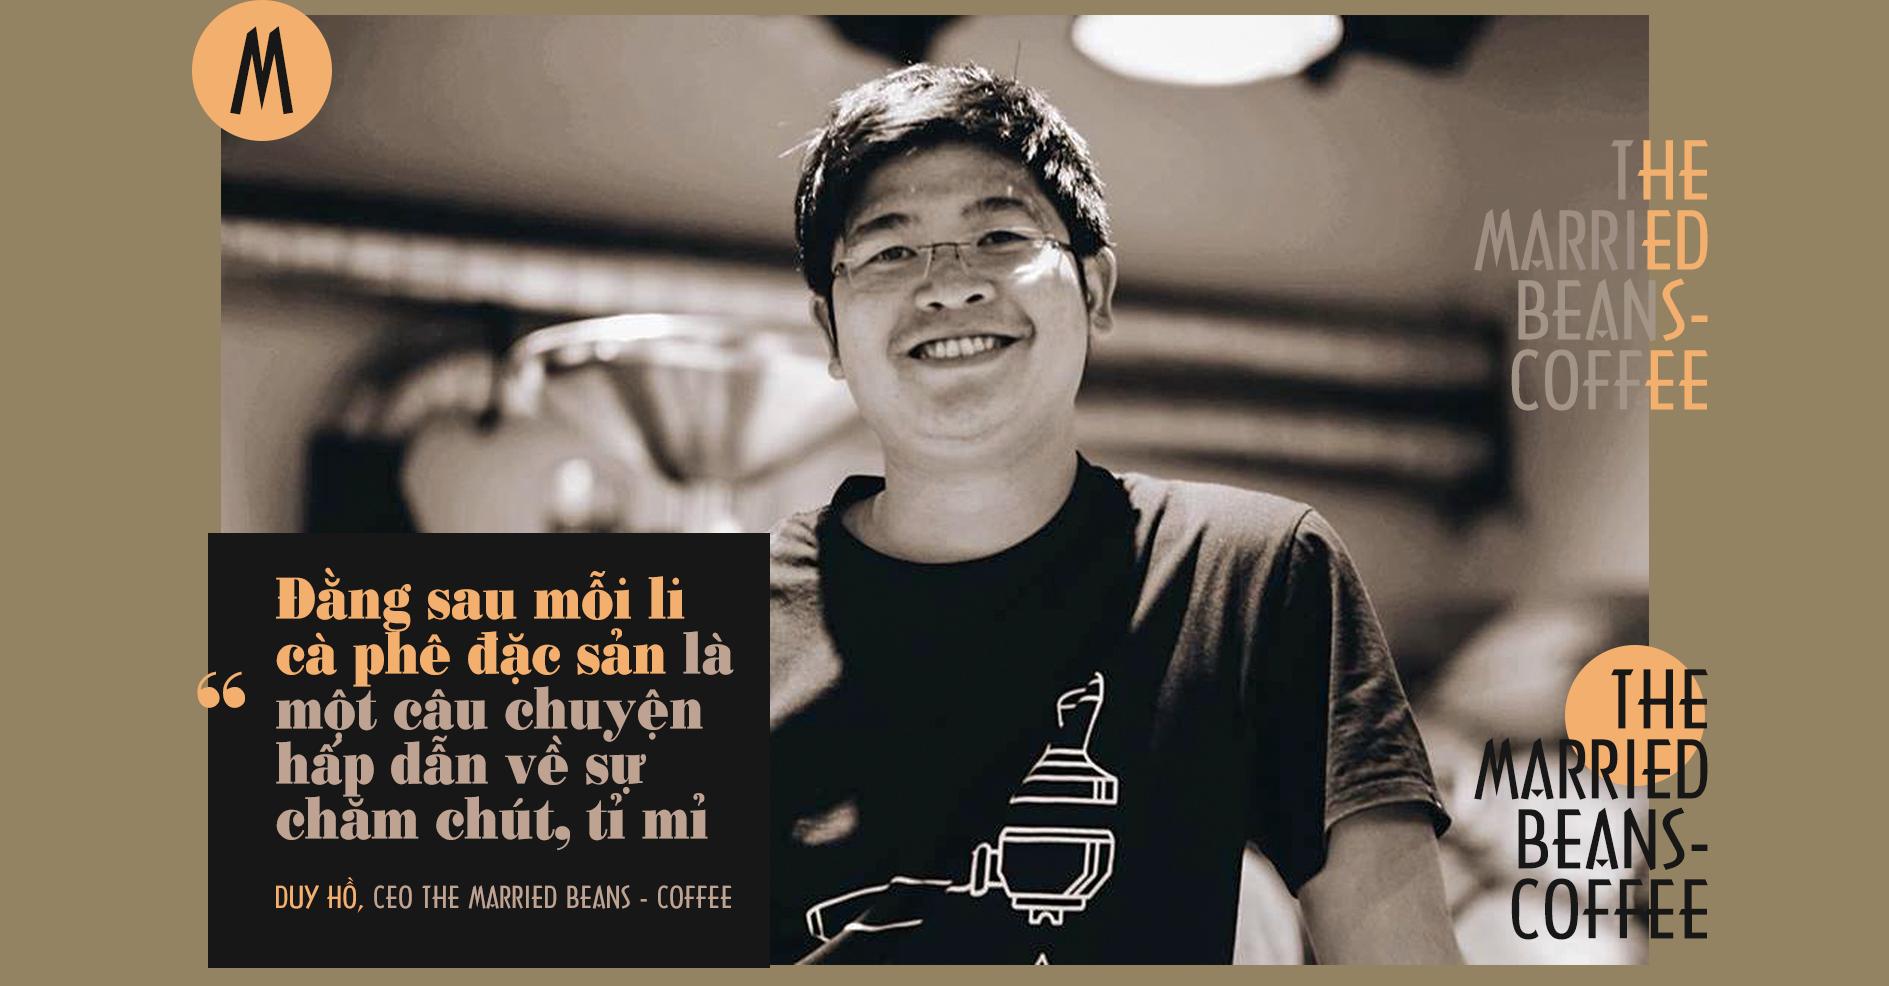 [eMagazine] Cà phê đặc sản: Cửa ngách để nâng tầm cà phê Việt - Ảnh 12.